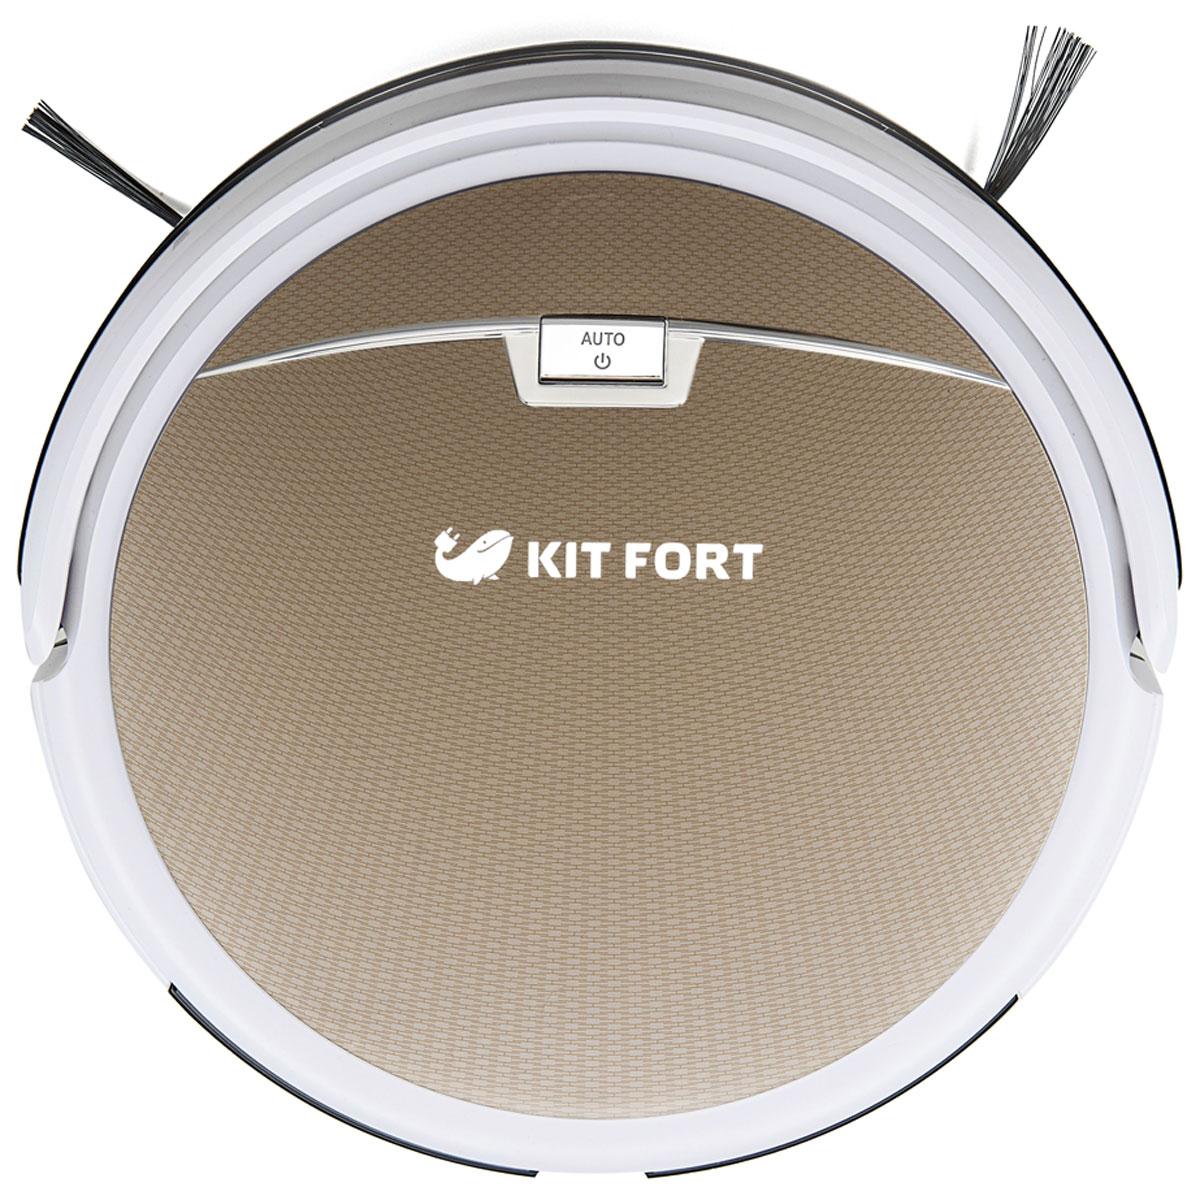 Kitfort KT-519-3, Gold робот-пылесосKT-519-3 золотоВысота Kitfort КТ-519 составляет всего 8 см, благодаря чему он может пройти под большинством шкафов и кроватей. Уменьшенный диаметр корпуса дает возможность протиснуться между близко расположенными препятствиями и убрать больше поверхности пола, чем другие пылесосы. Пылесос оснащен функциями автоматической и ручной уборки, локальной уборки и уборки по расписанию. Кроме того, имеется специальная программа для уборки вдоль стен, когда пылесос перемещается по периметру помещения. Искусственный интеллект пылесоса автоматически выбирает наиболее оптимальную траекторию движения в каждом случае, согласующуюся с выбранной программой. Режимов уборки несколько: по спирали; случайным образом; по периметру помещения; зигзагом. Включить и выключить пылесос, задать нужный режим работы или запрограммировать пылесос можно с панели управления пылесоса или с пульта дистанционного управления. Хотите прийти с работы и обнаружить...